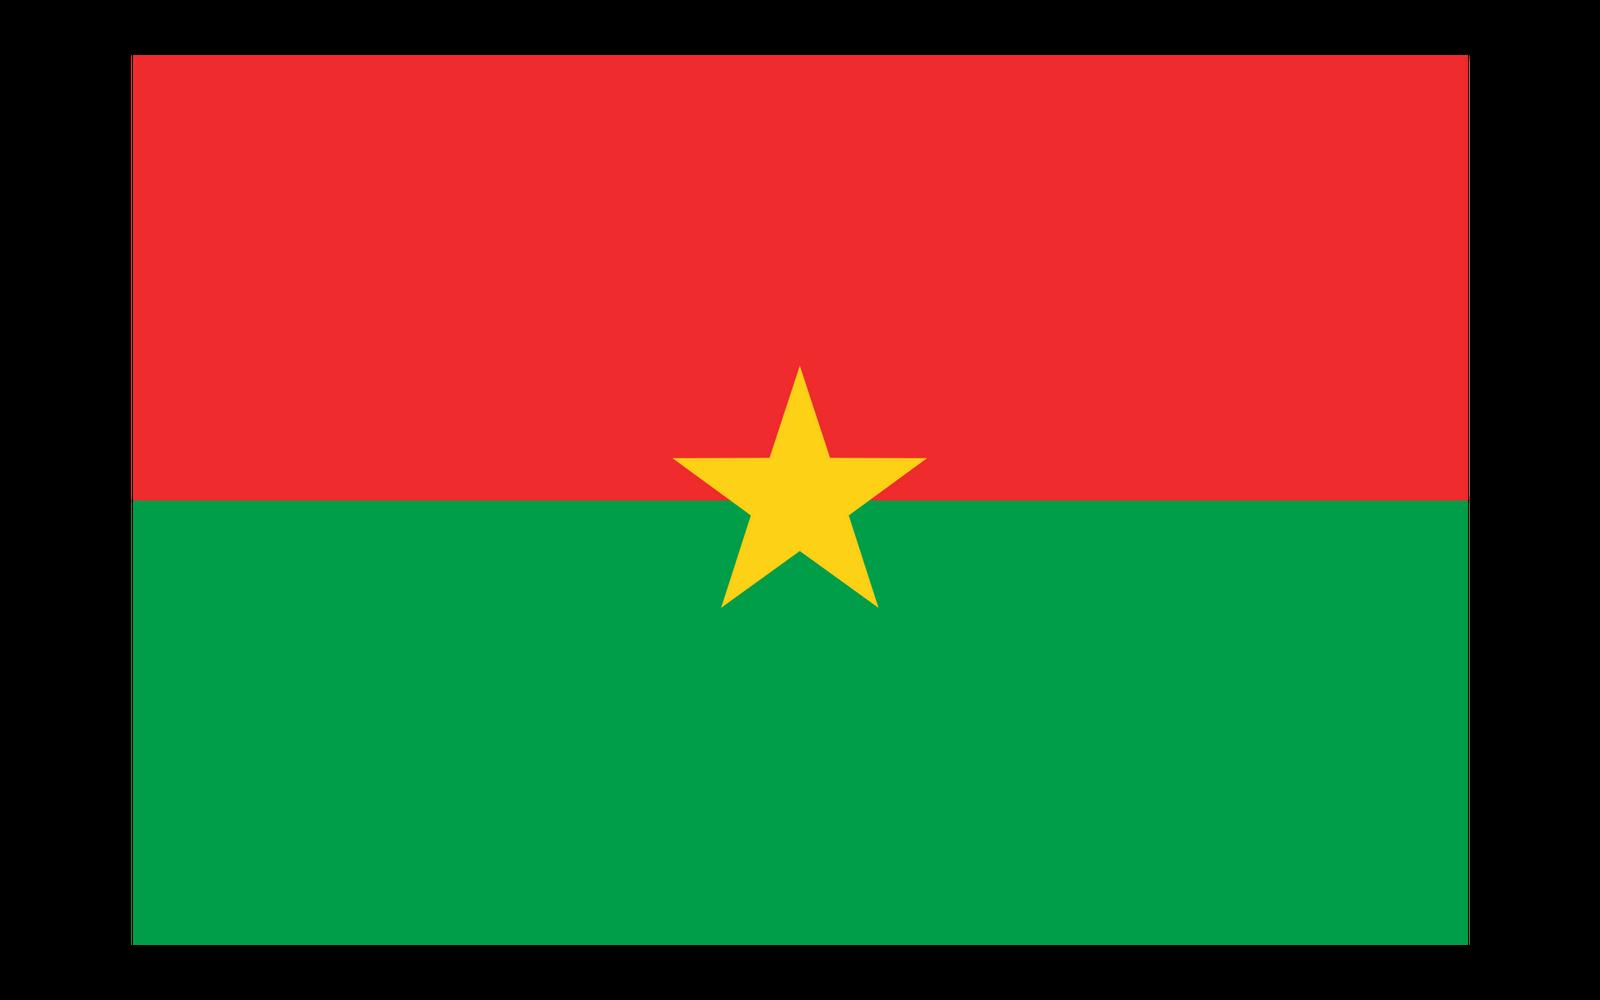 https://4.bp.blogspot.com/-lOx3UdD5lNQ/TvdyXYE_w-I/AAAAAAAAAbQ/XyAoS-dq7TU/s1600/Burkina-Faso.png